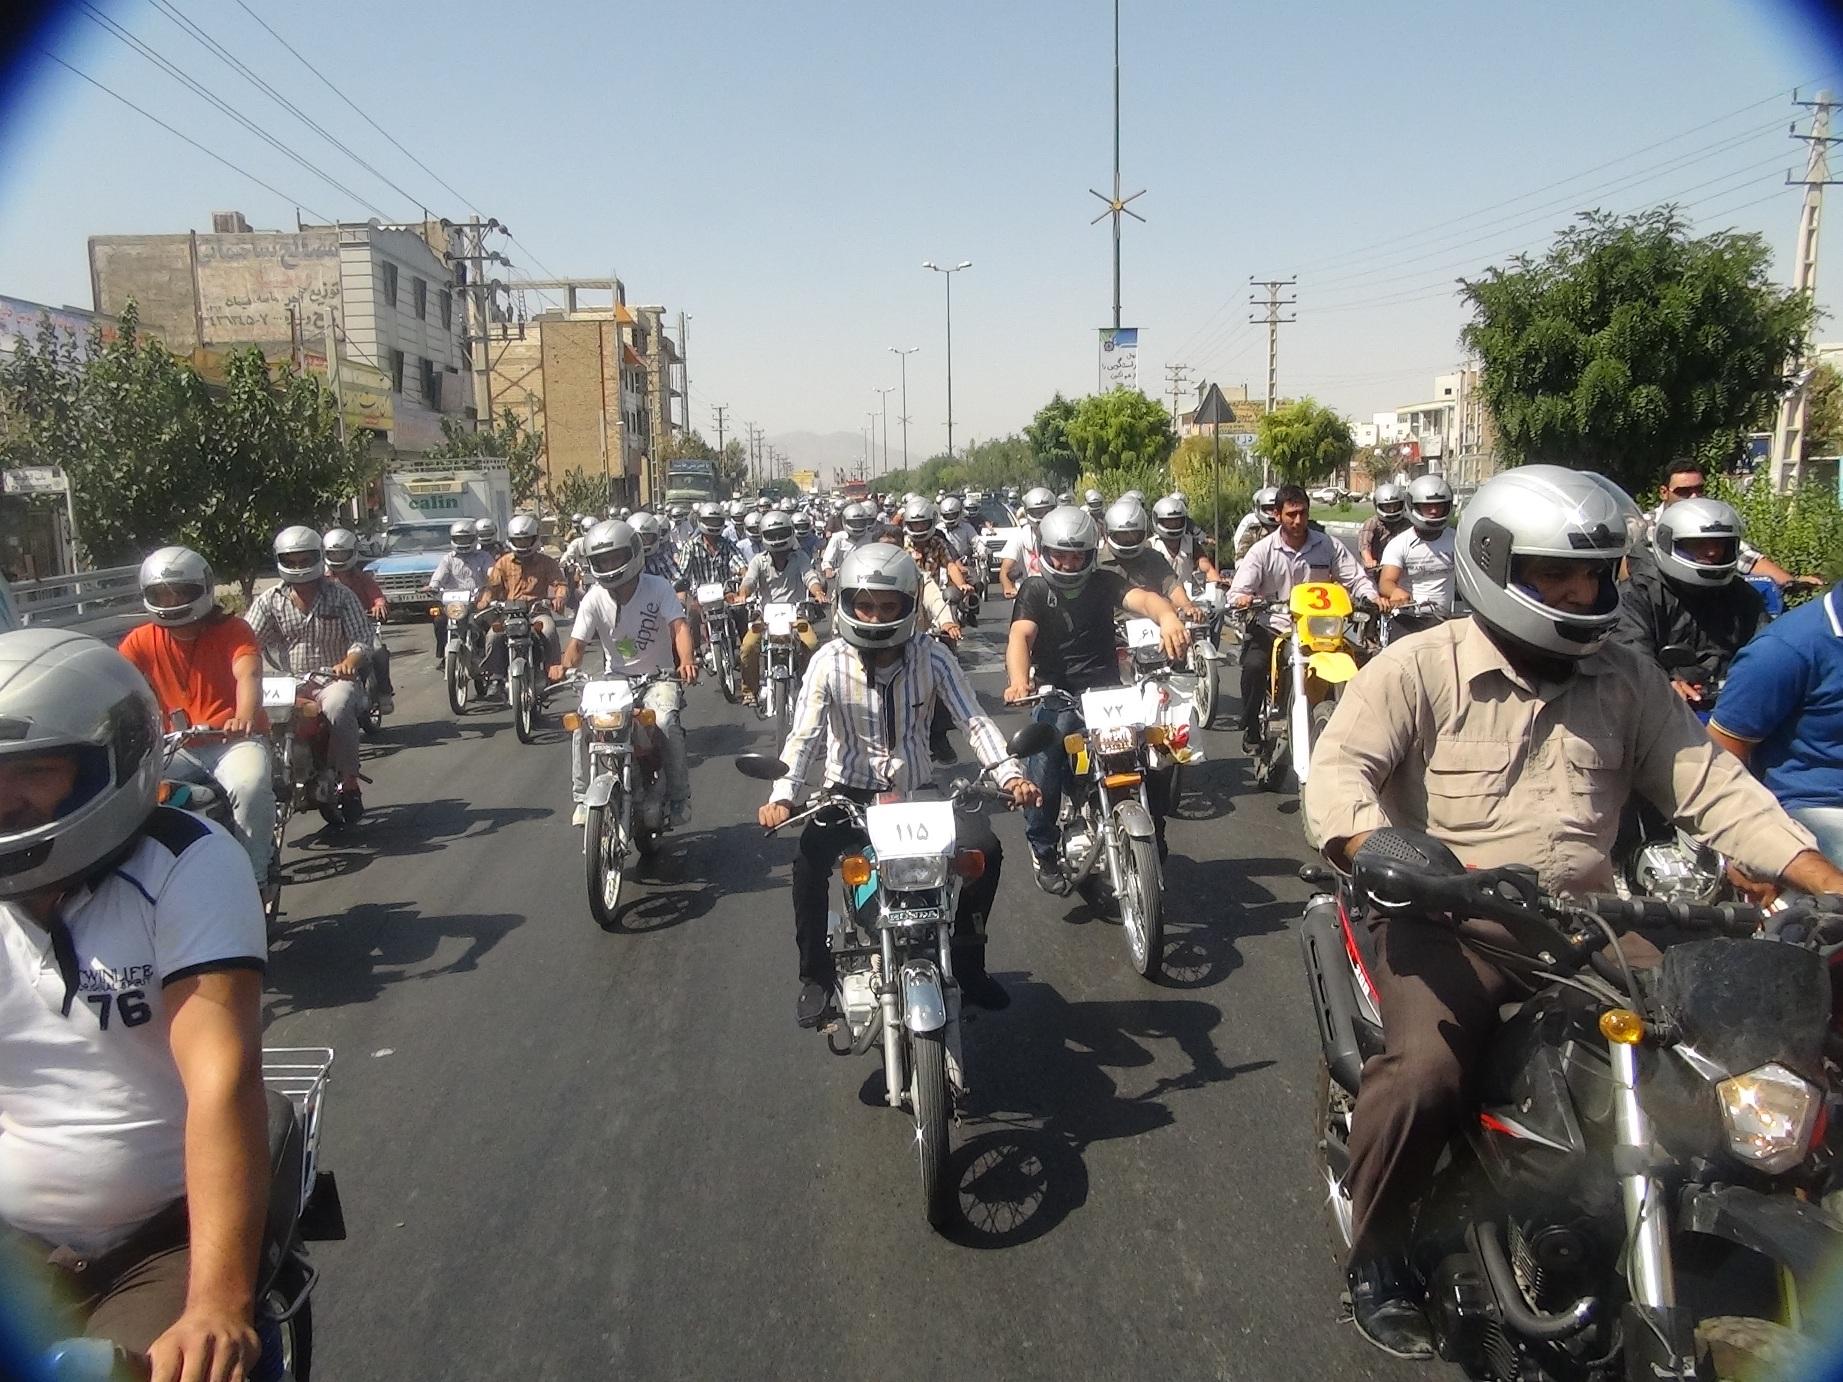 جریمه 200 هزار تومانی در انتظار موتورسیکلت های 400 هزار تومانی/ آب در هاون کوبیدن؟!